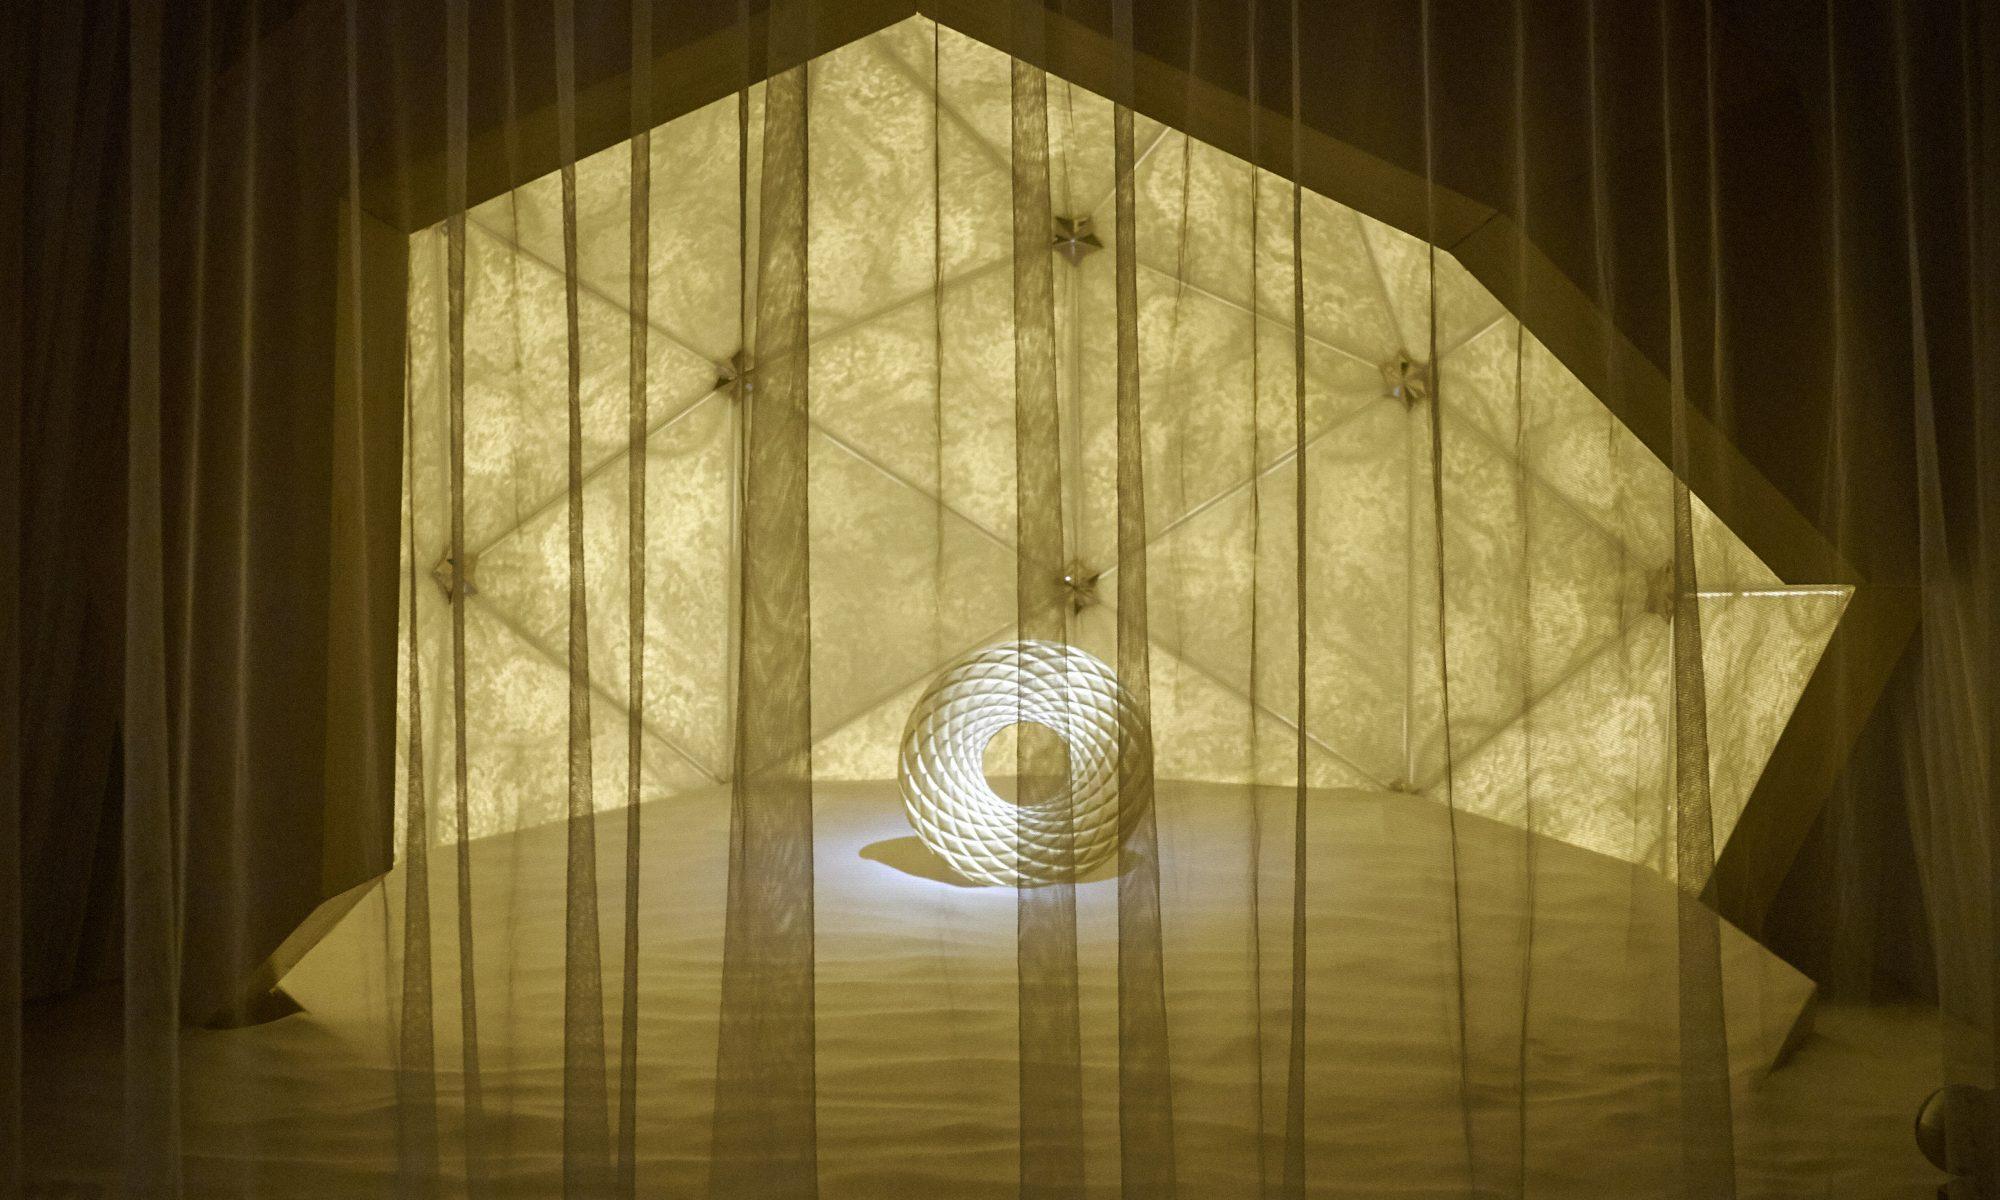 cercle doré-mandala-comme une crèche